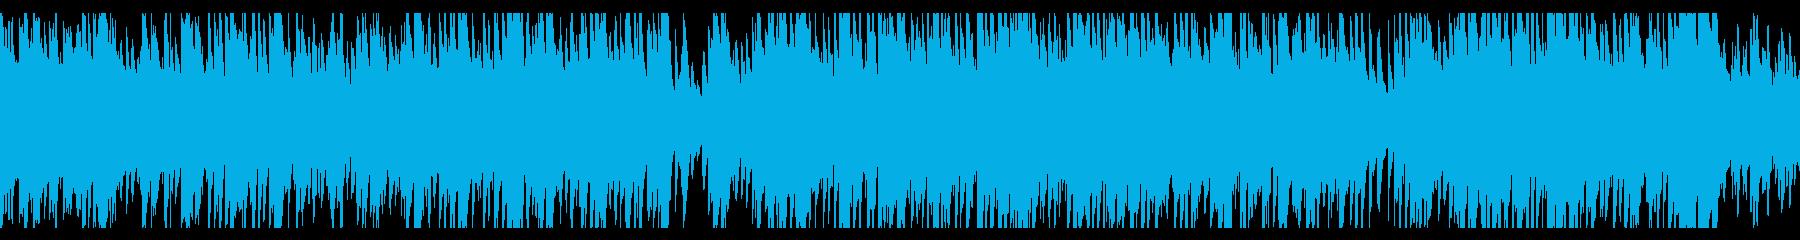 おしゃれなカフェ・ミュージック風 ピアノの再生済みの波形